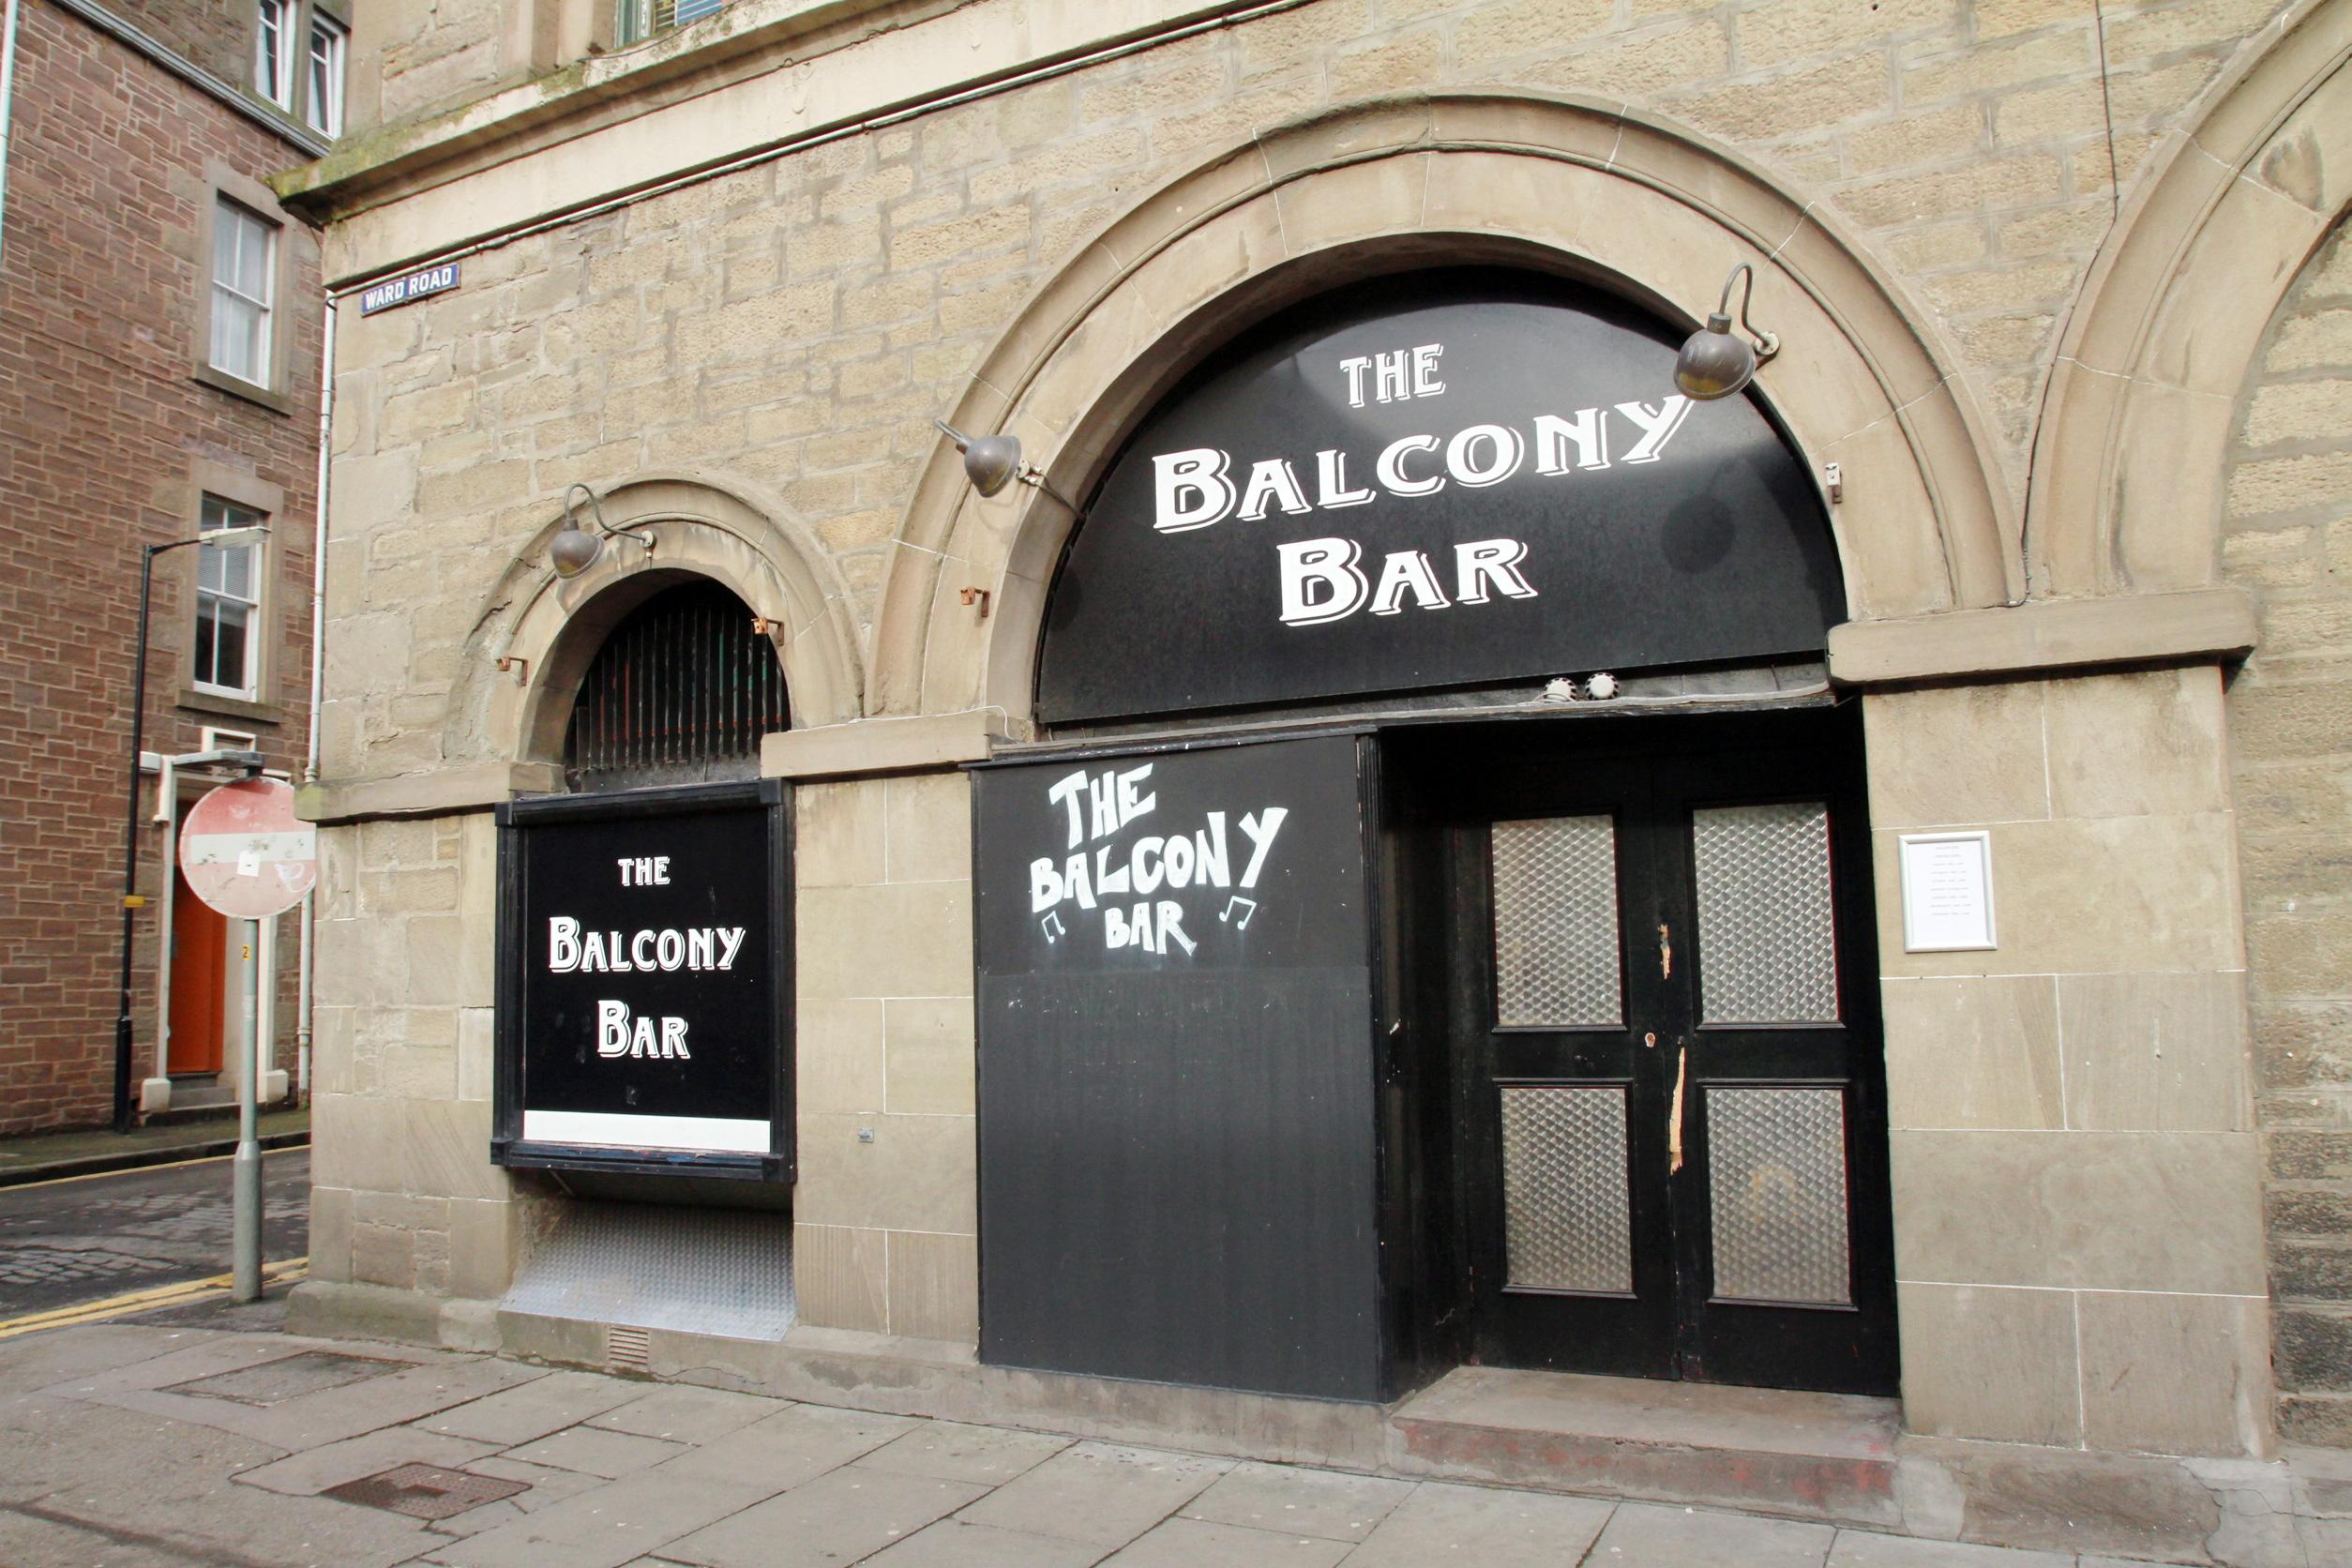 The Balcony Bar on Ward Road